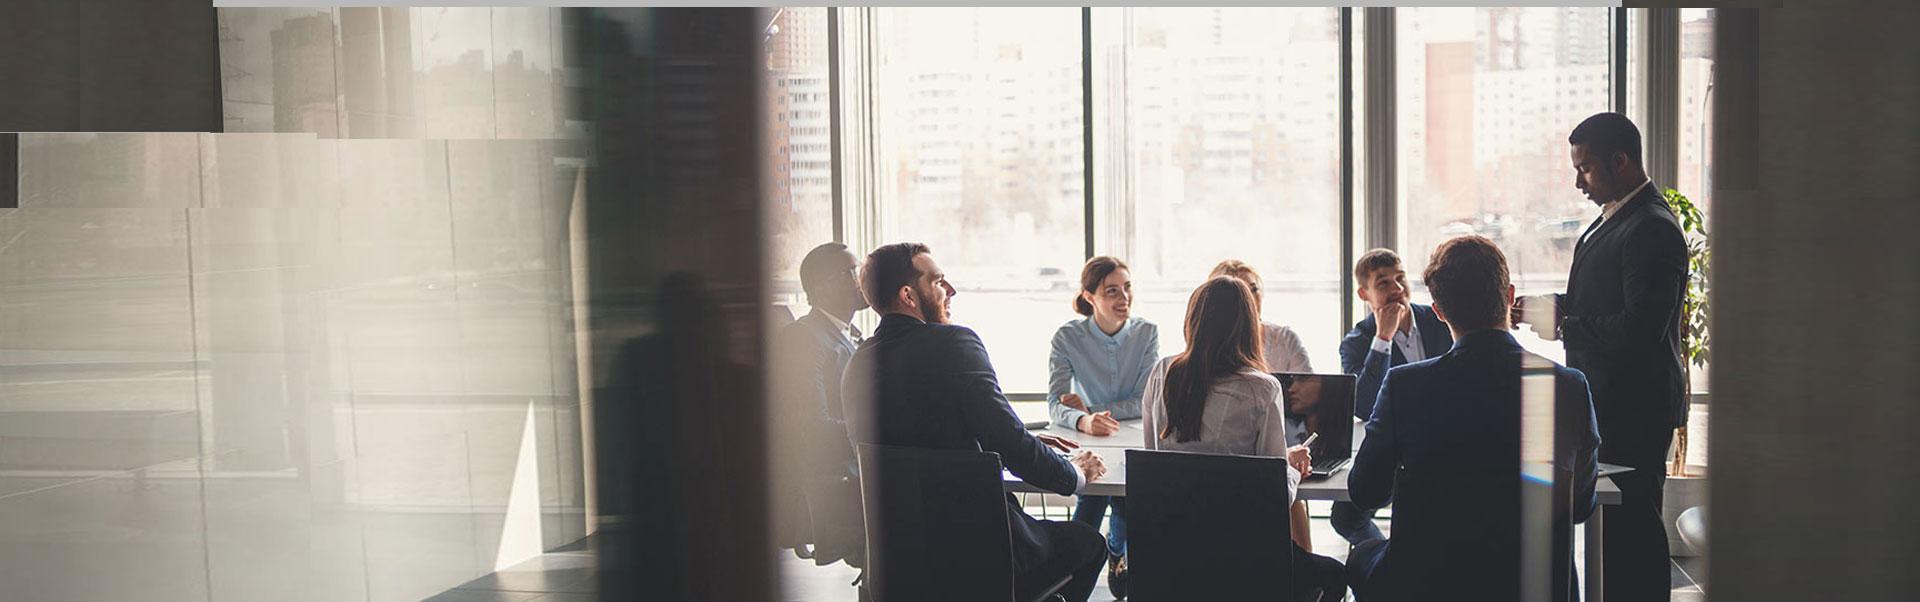 Полный комплекс юридических и бухгалтерских услуг для бизнеса